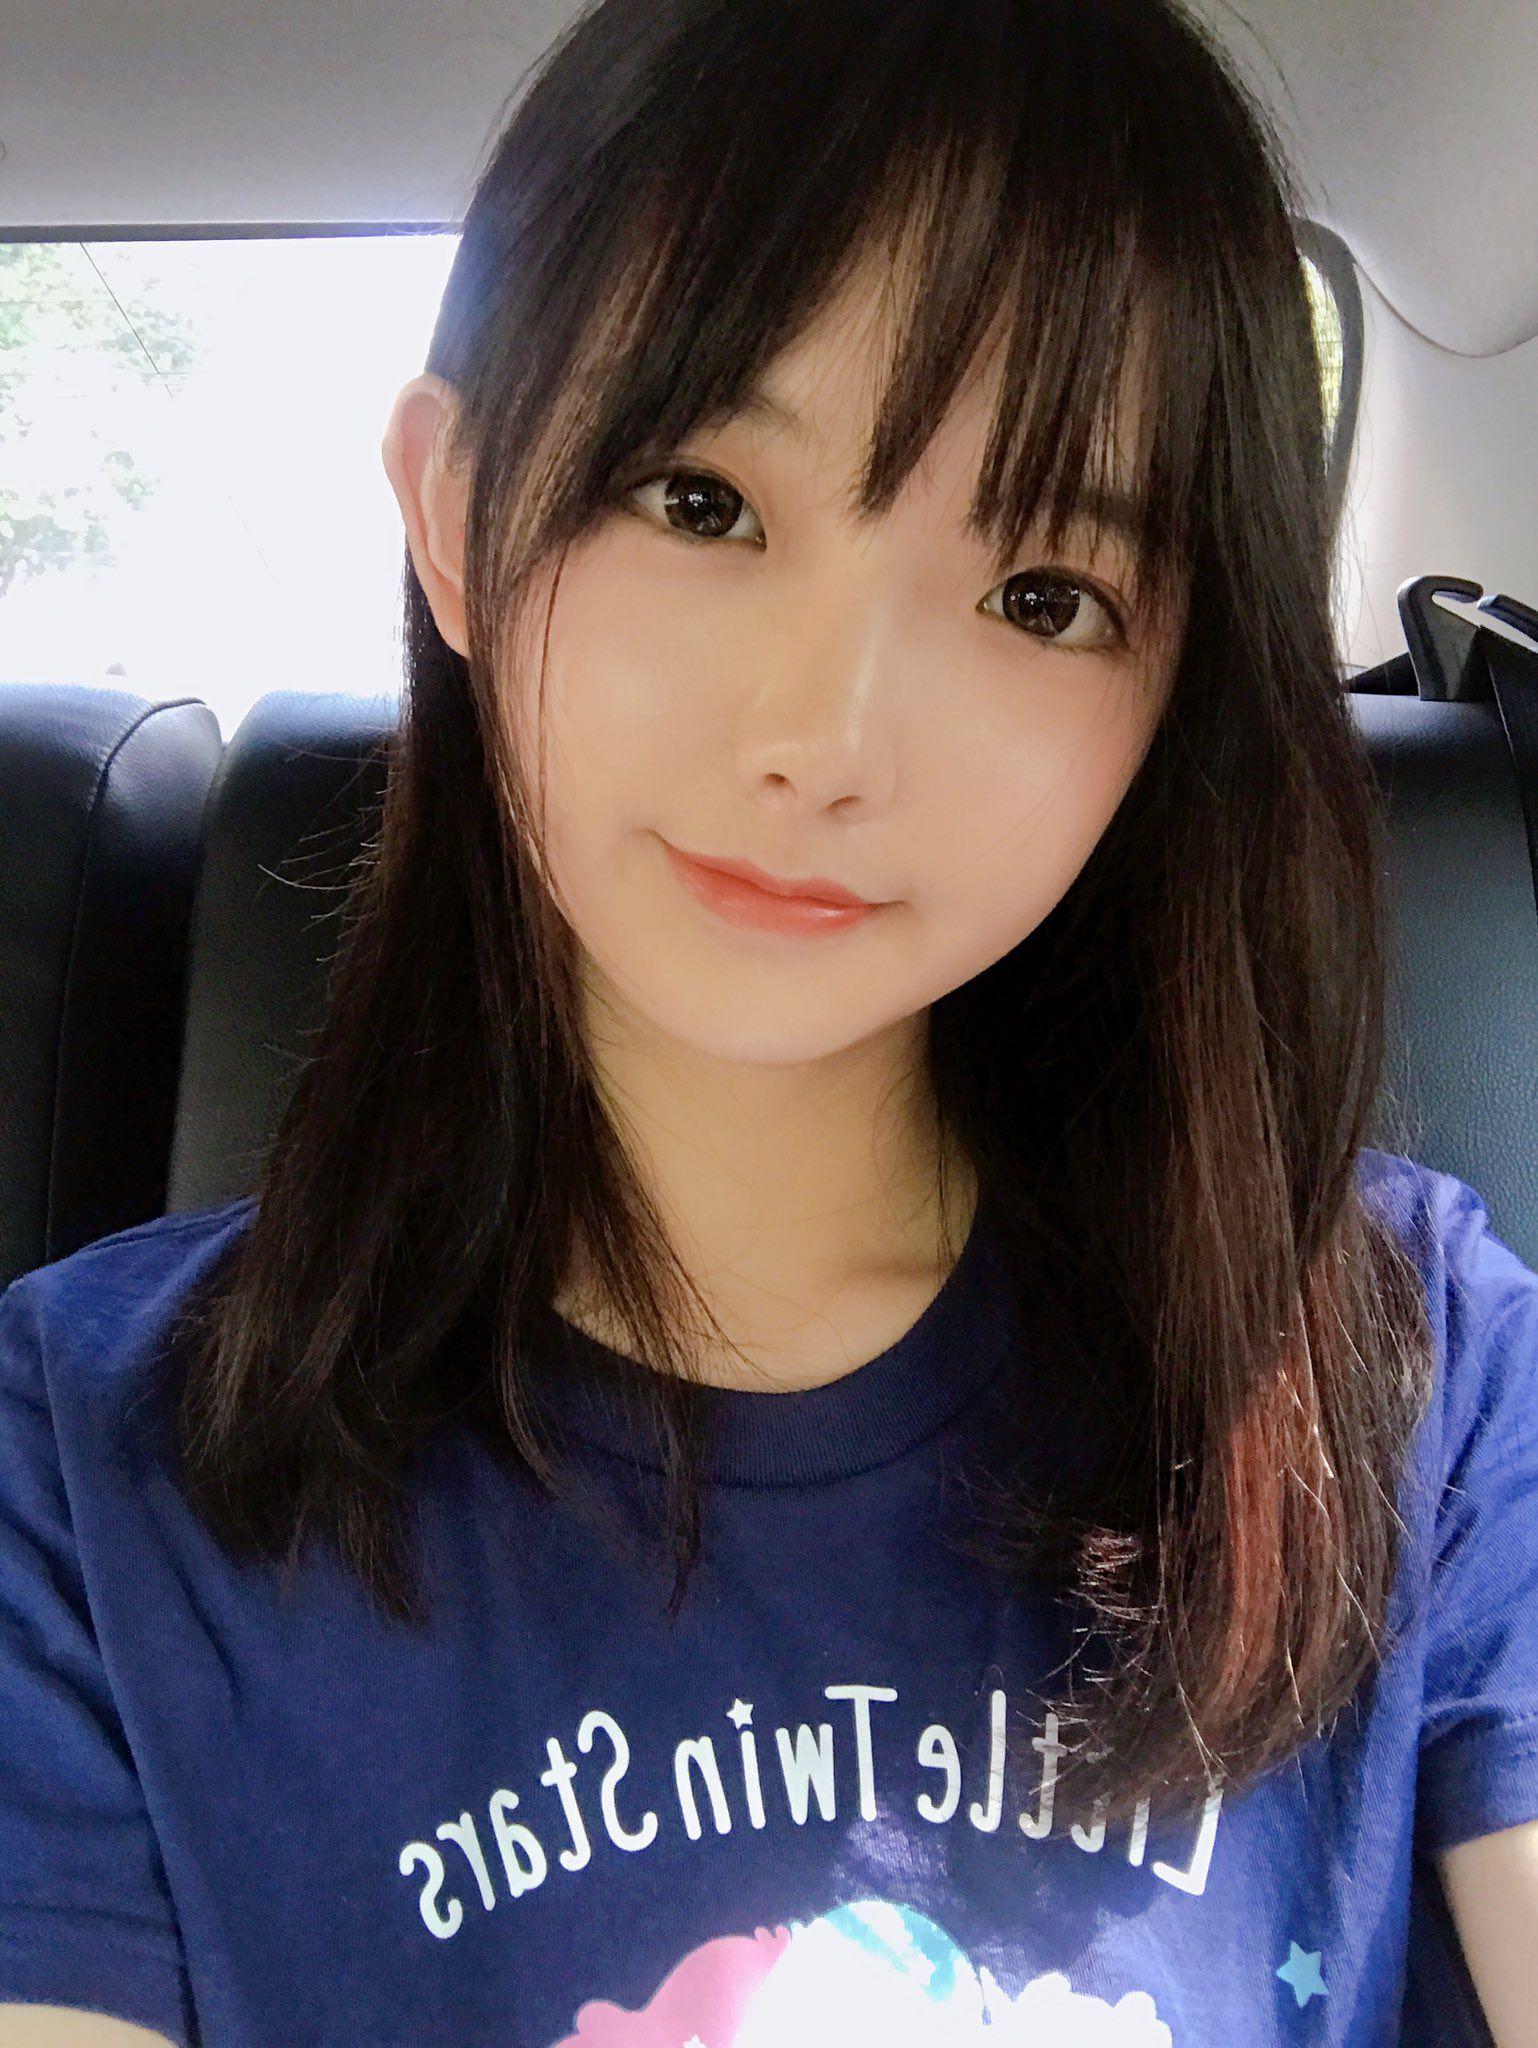 桜群 Sakuragun on Twitter in 2020   Cute kawaii girl, Cute japanese girl,  Japanese girl